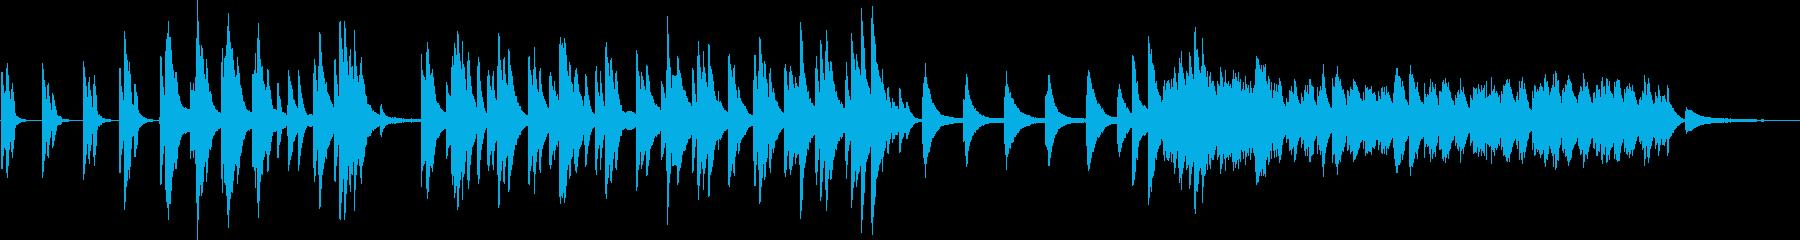 偉大なる揺り籠のピアノの再生済みの波形